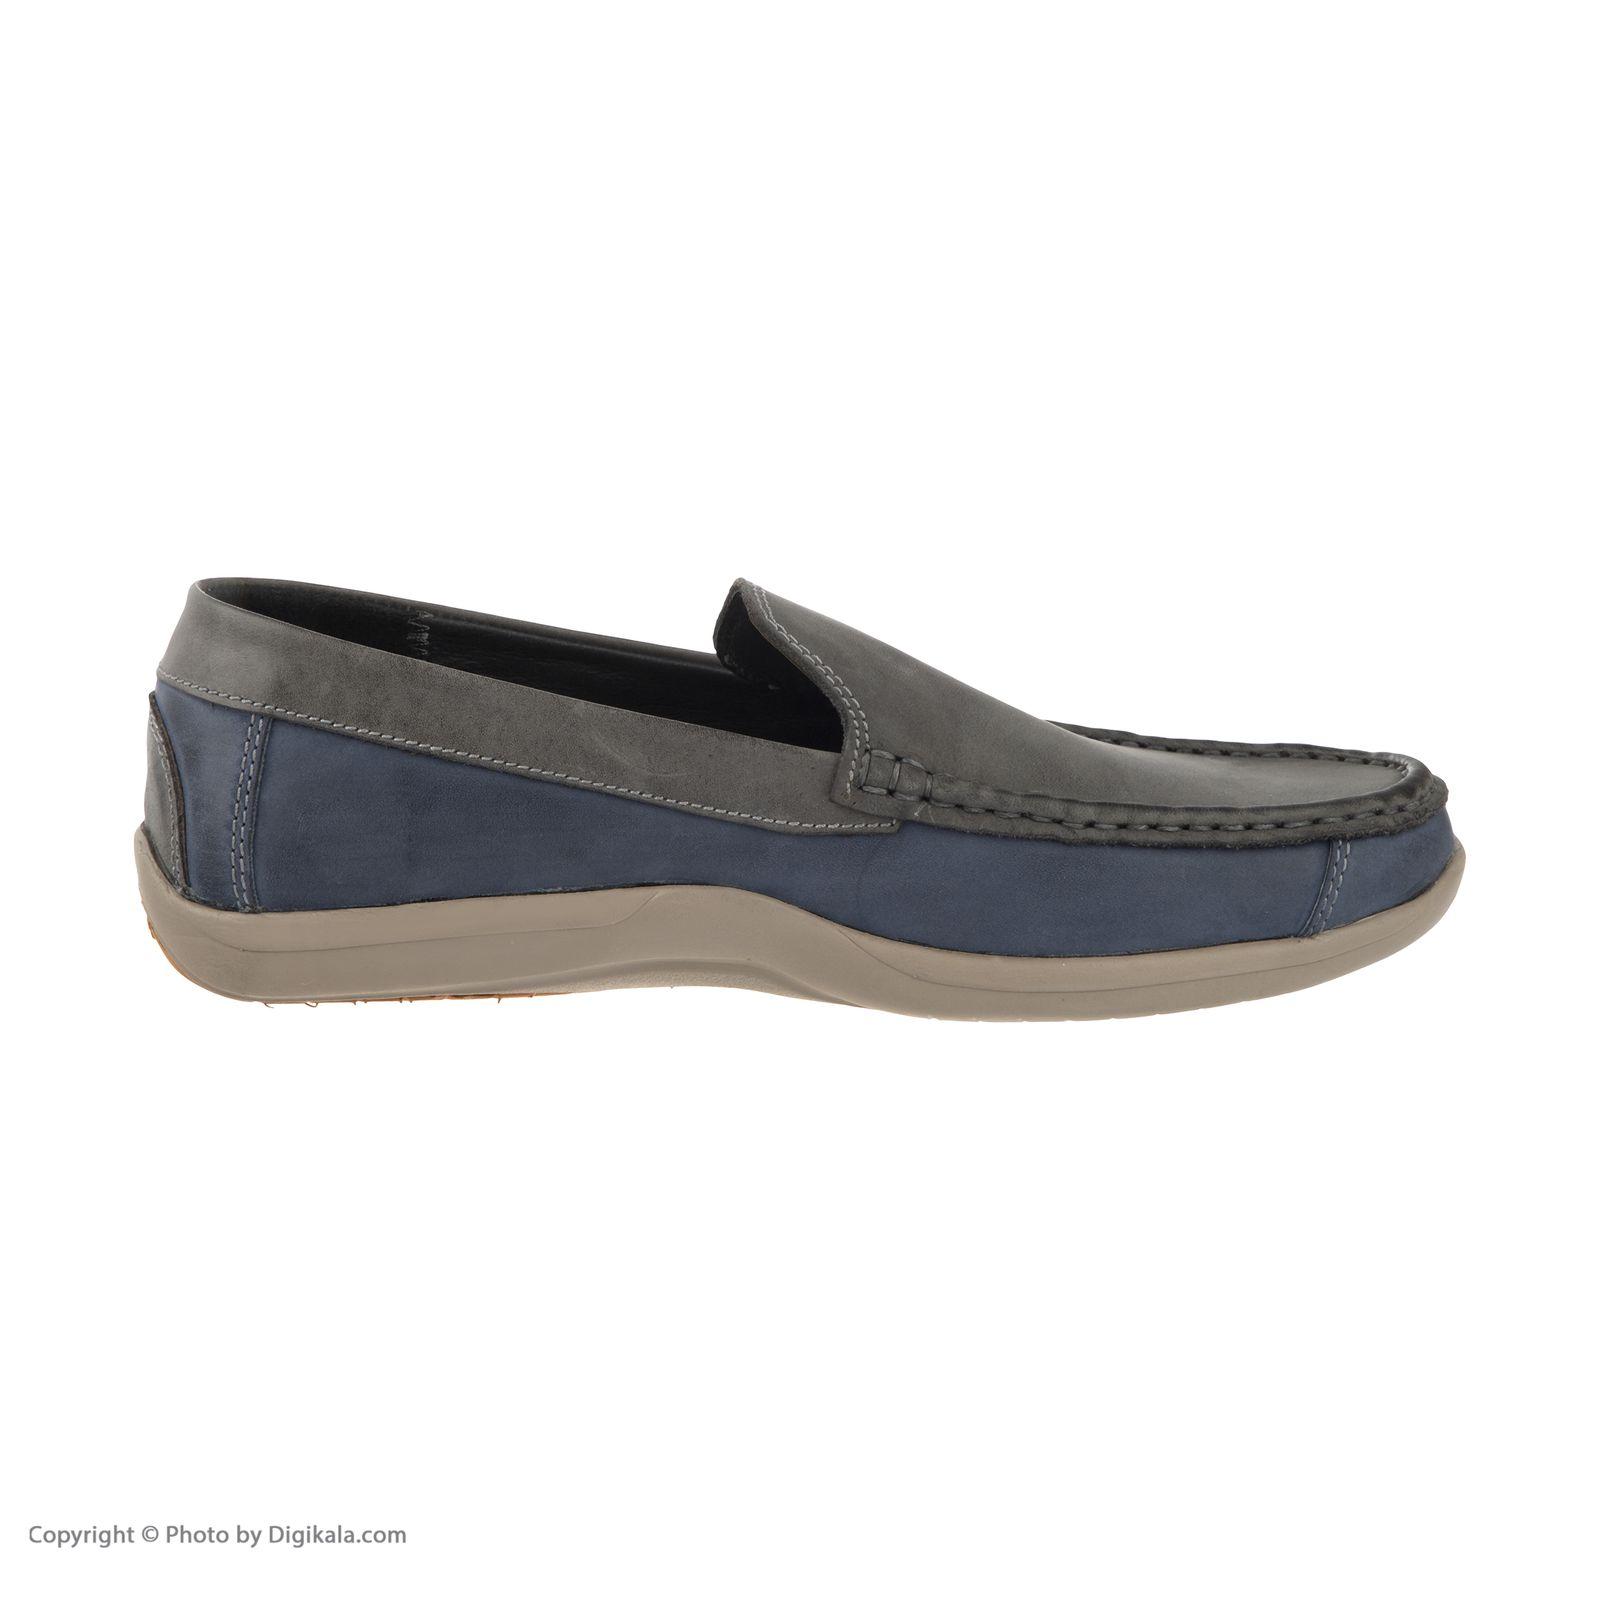 کفش روزمره مردانه سوته مدل 5059A503103 -  - 4